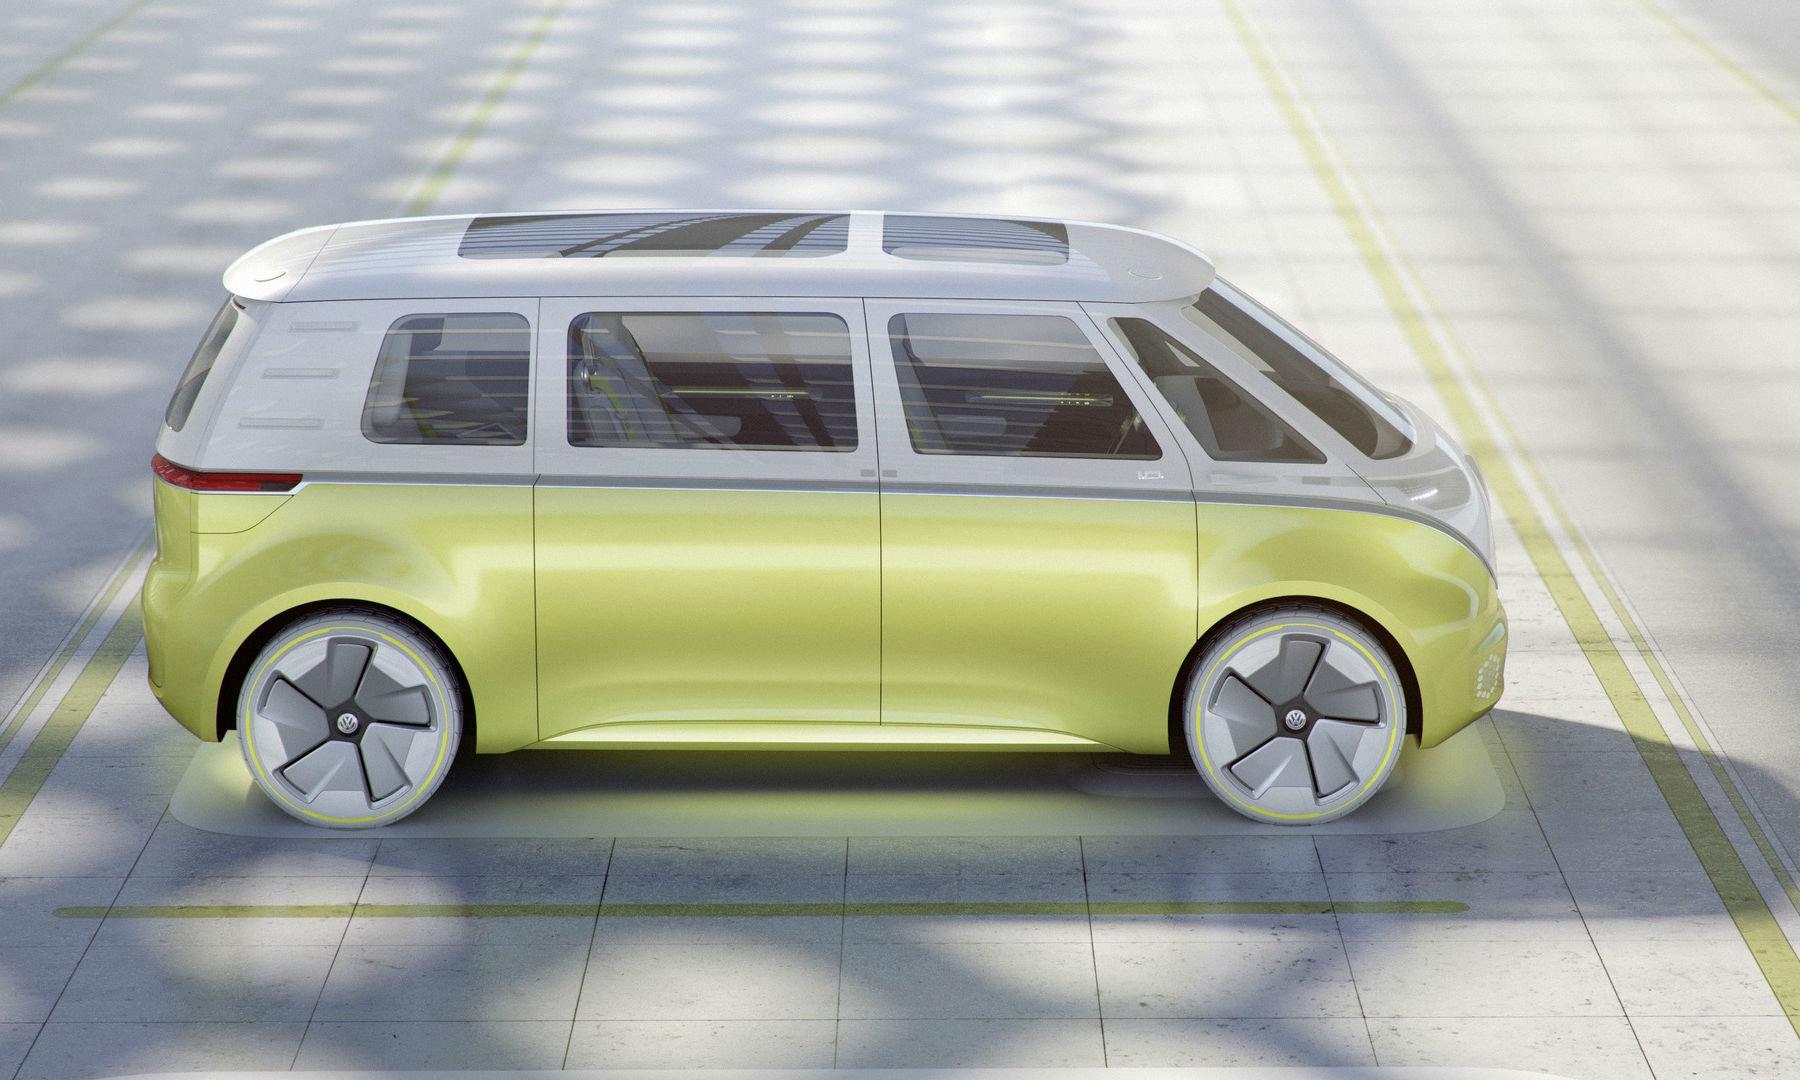 Volkswagen I.D. Buzz-11-01-2017 (4)